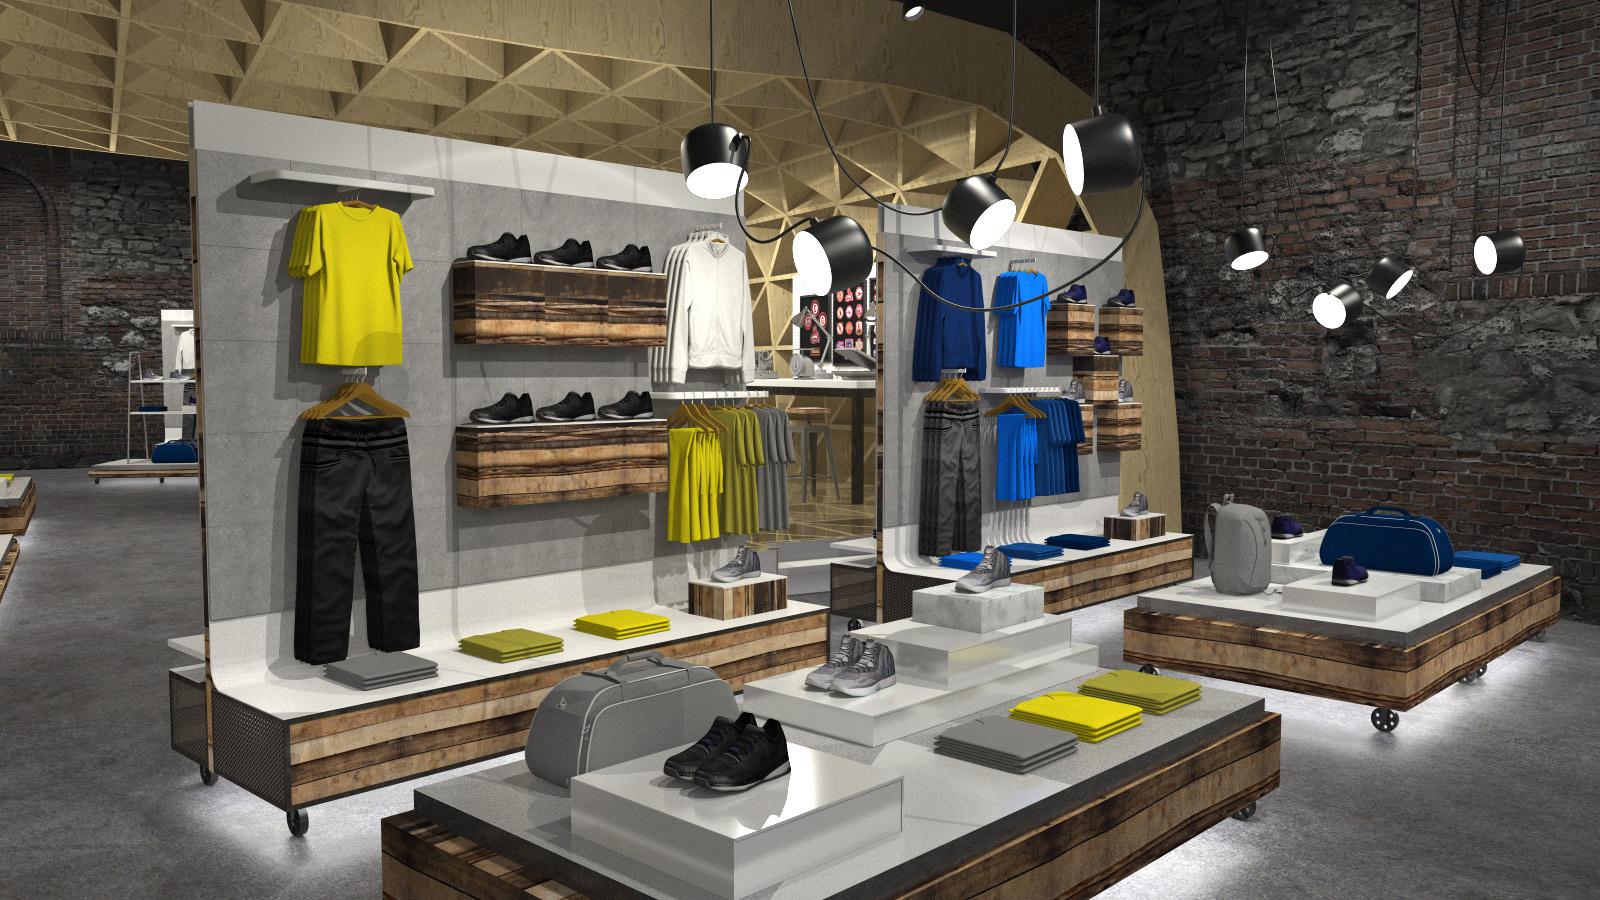 Ryan_Bubion_Adidas_Retail_Design_04